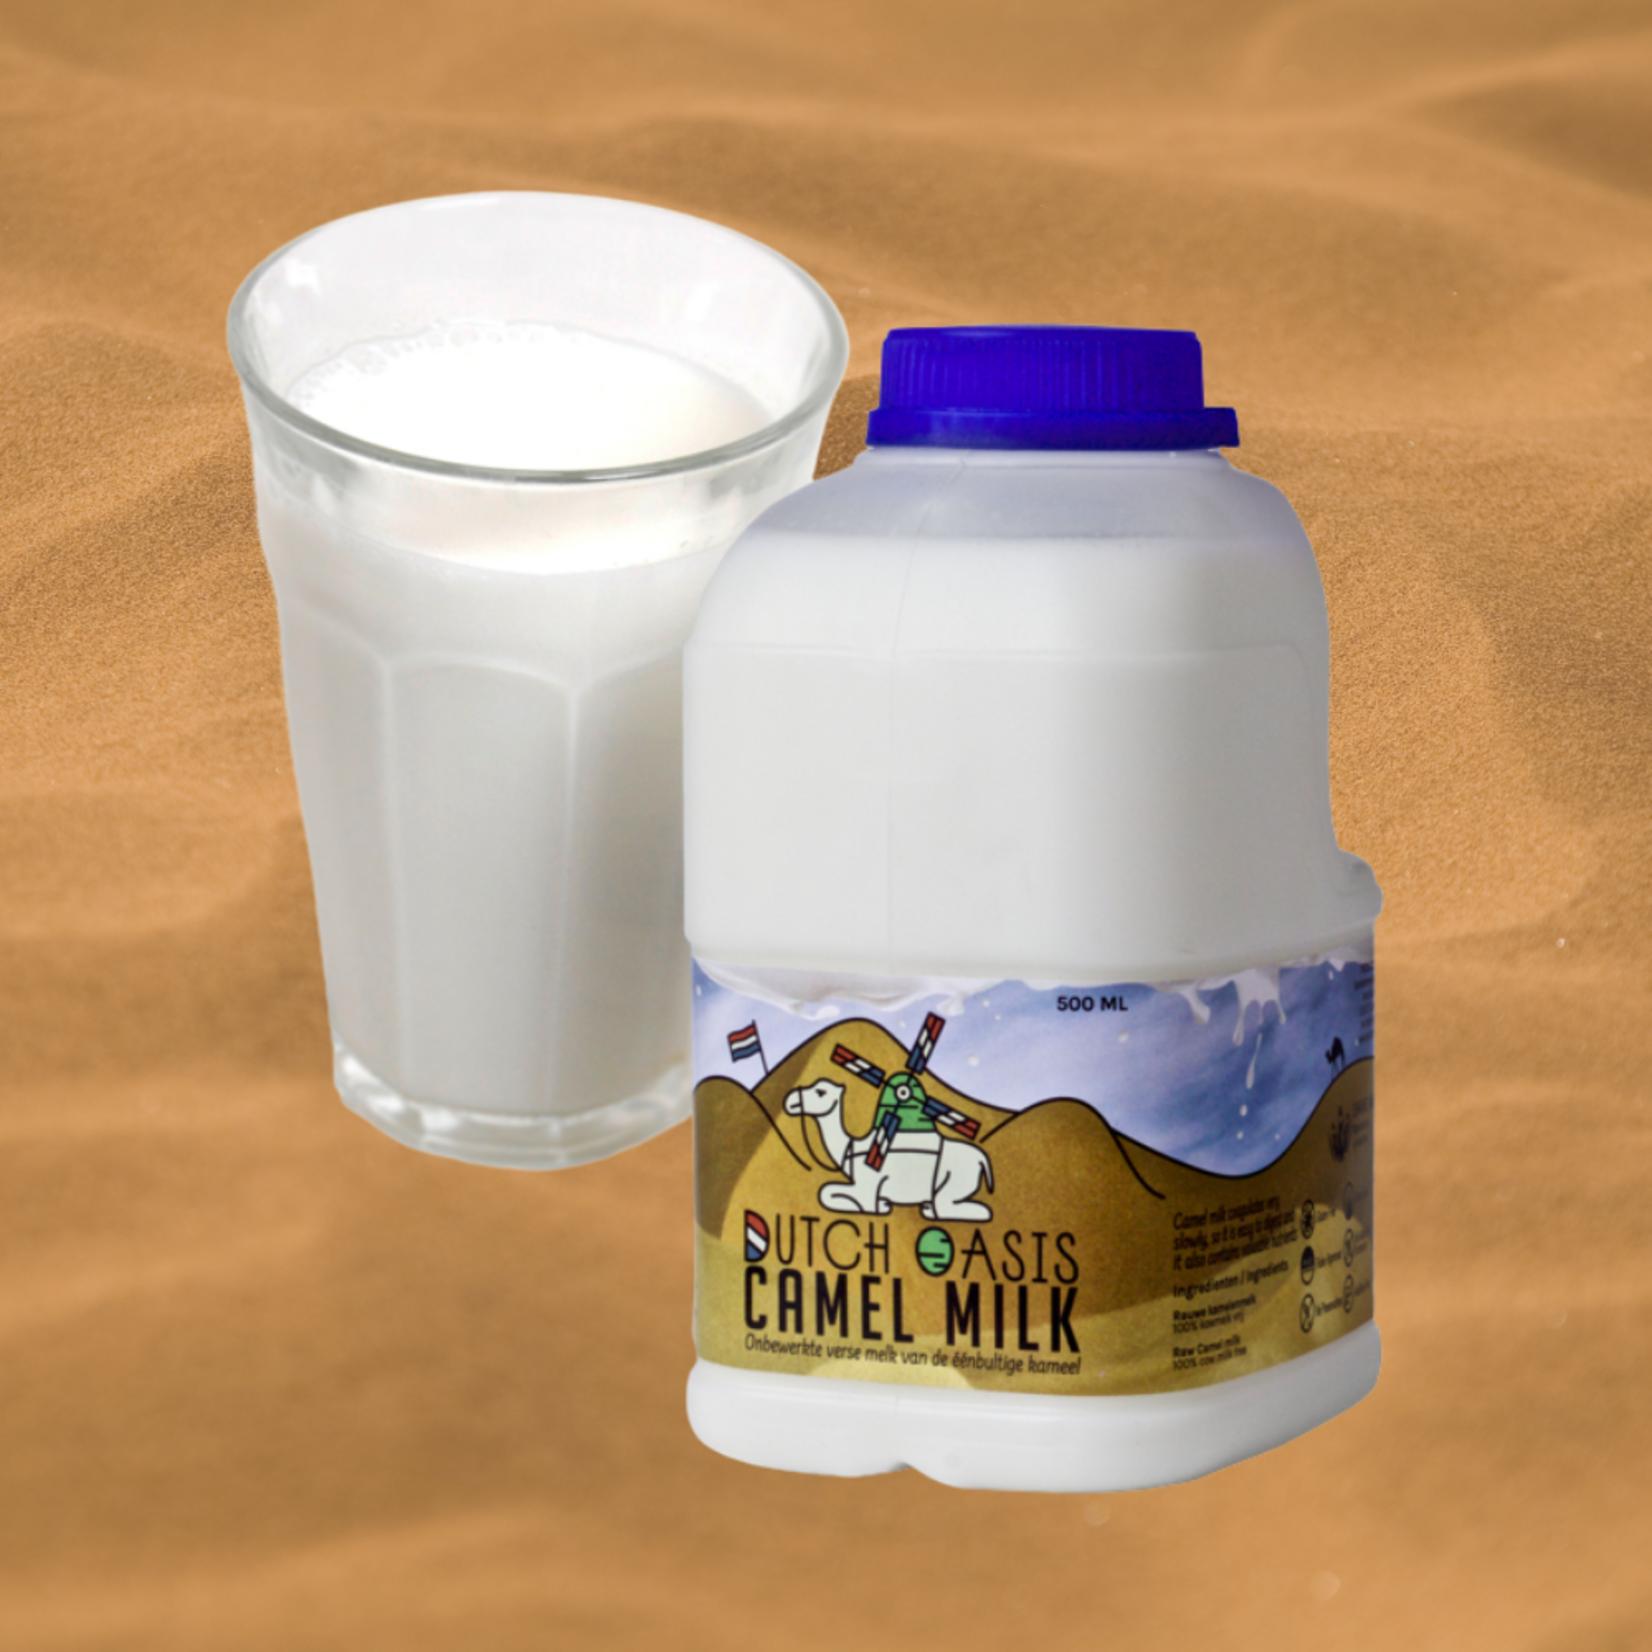 Dutch Oasis 7 flasche (á 500ml) Roh und Frische Kamelmilch